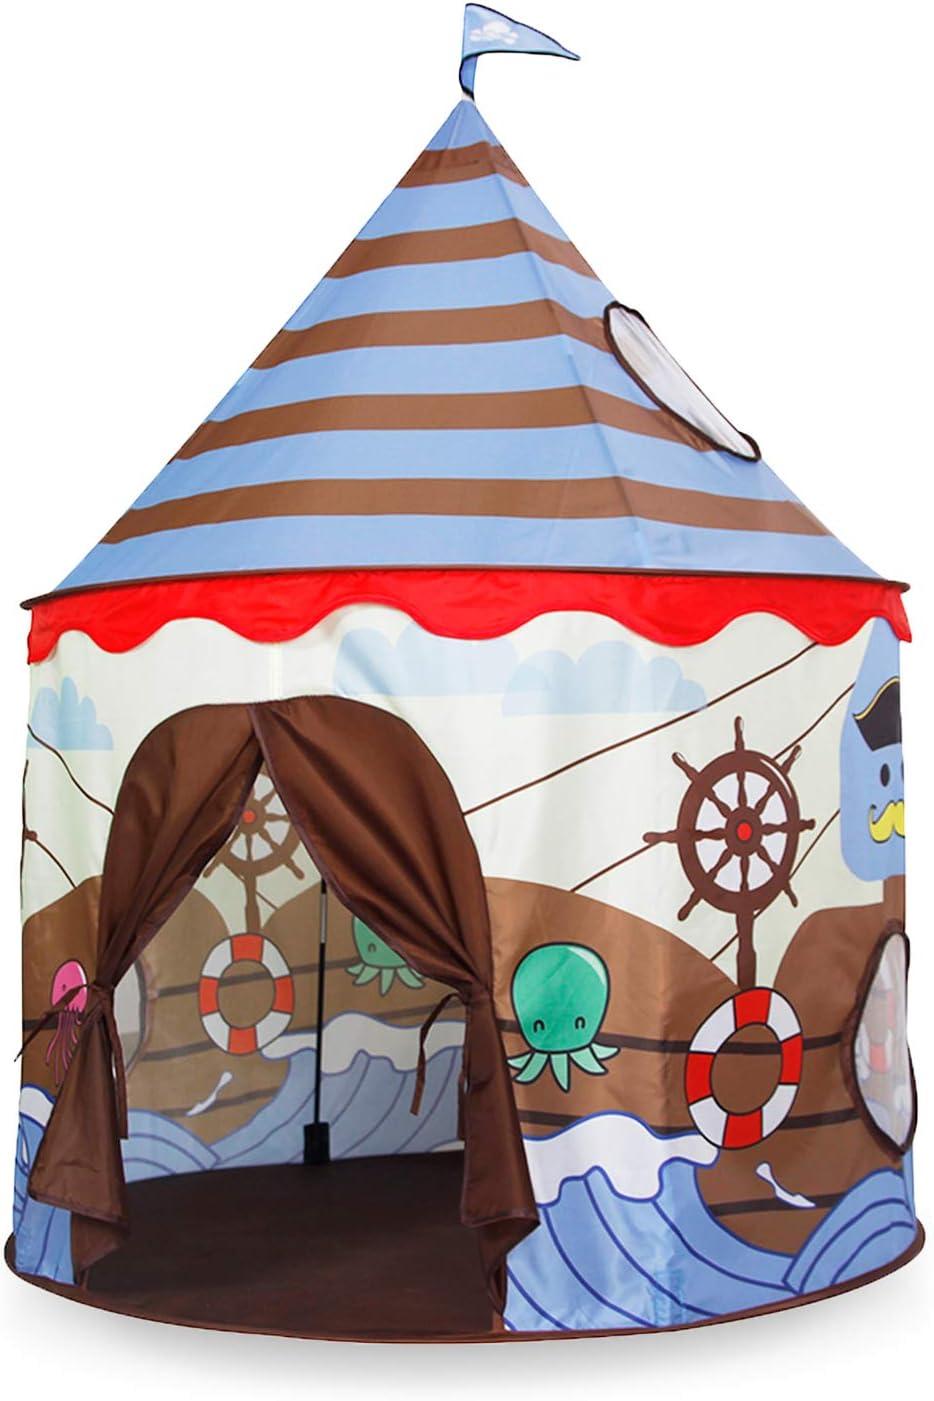 Homfu Tienda del Juego Tienda de Campaña para Niños Castillo Juego en casa para Chicos Plegable autoarmable (Brown)